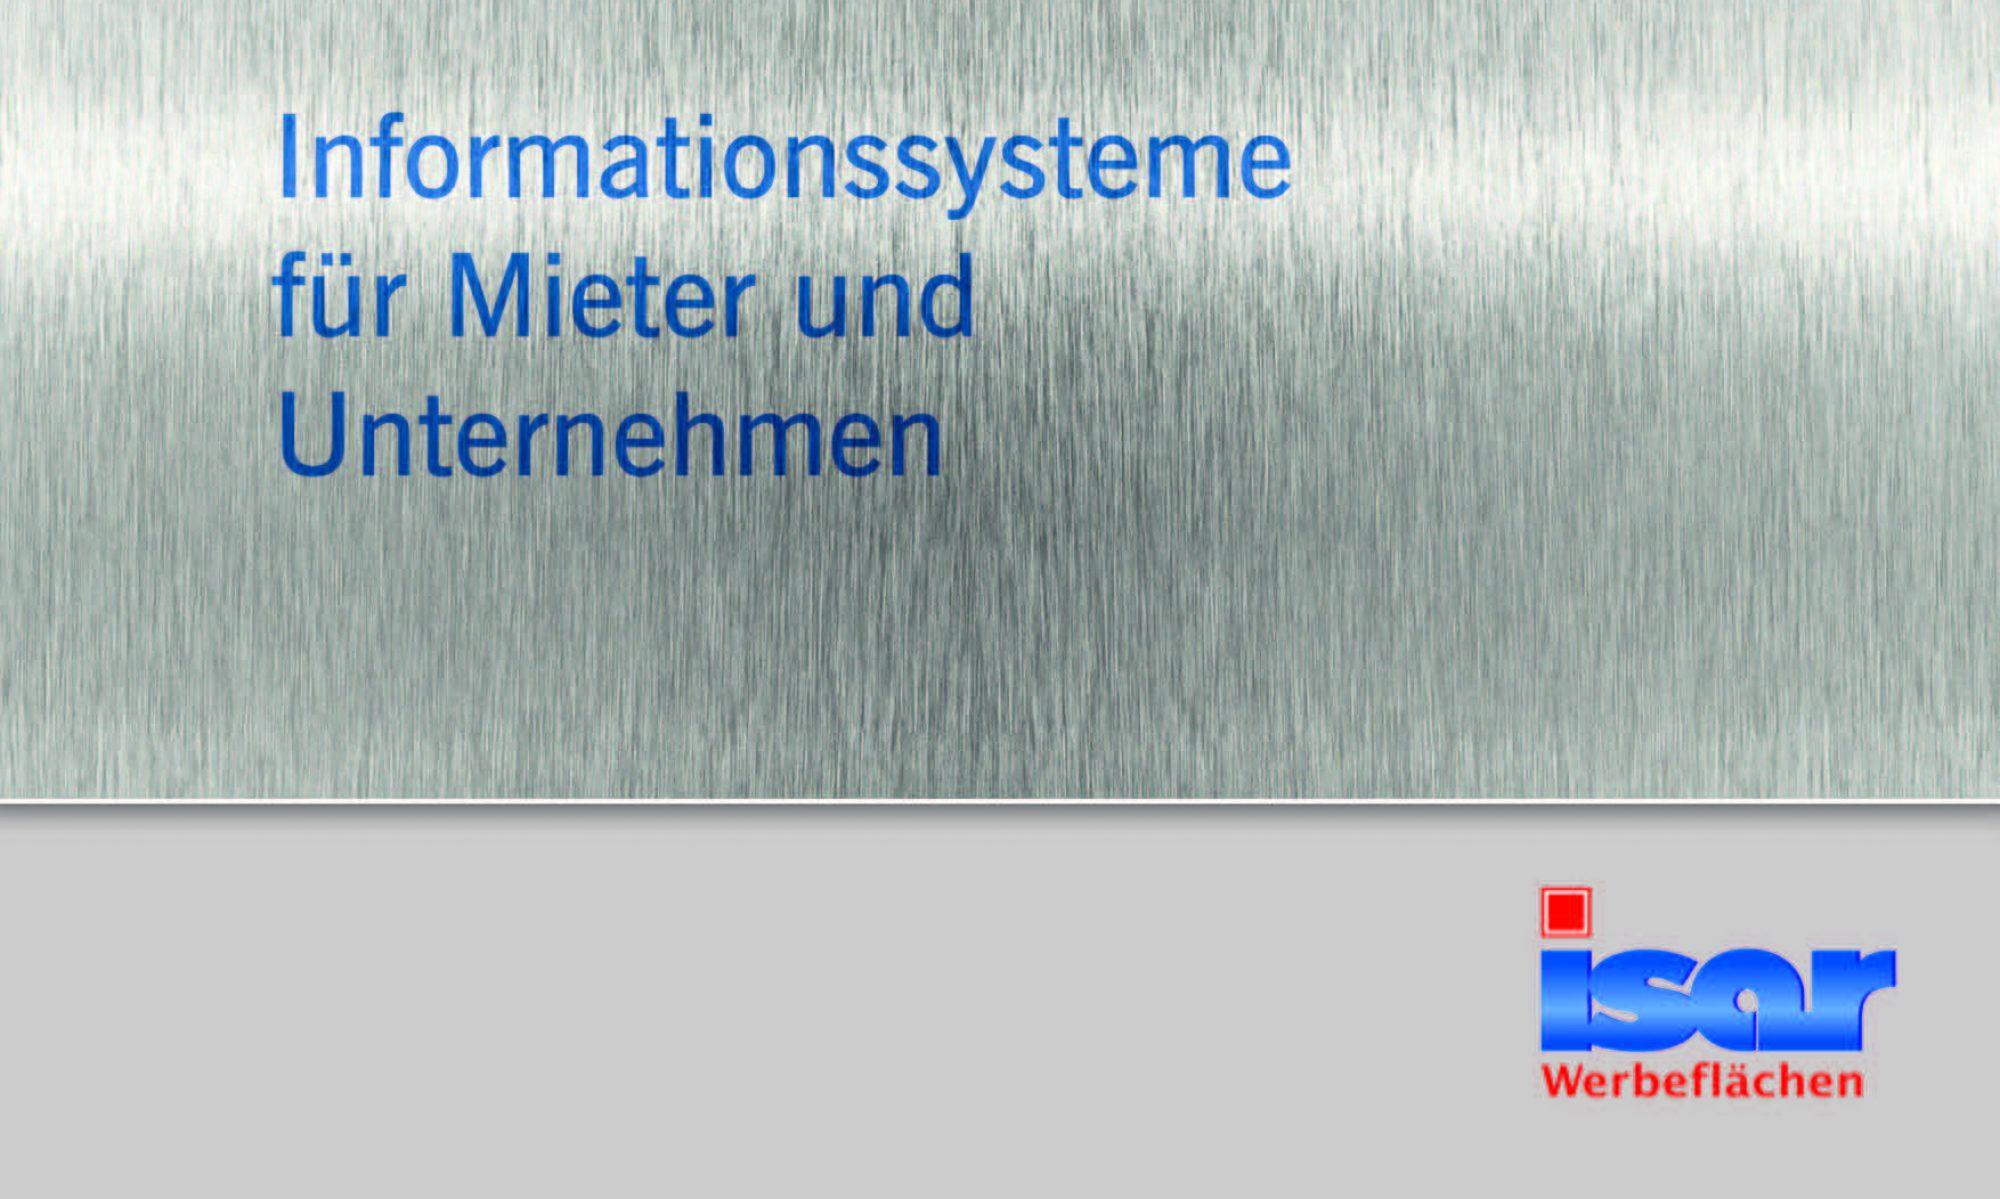 Isar Werbeflächen GmbH